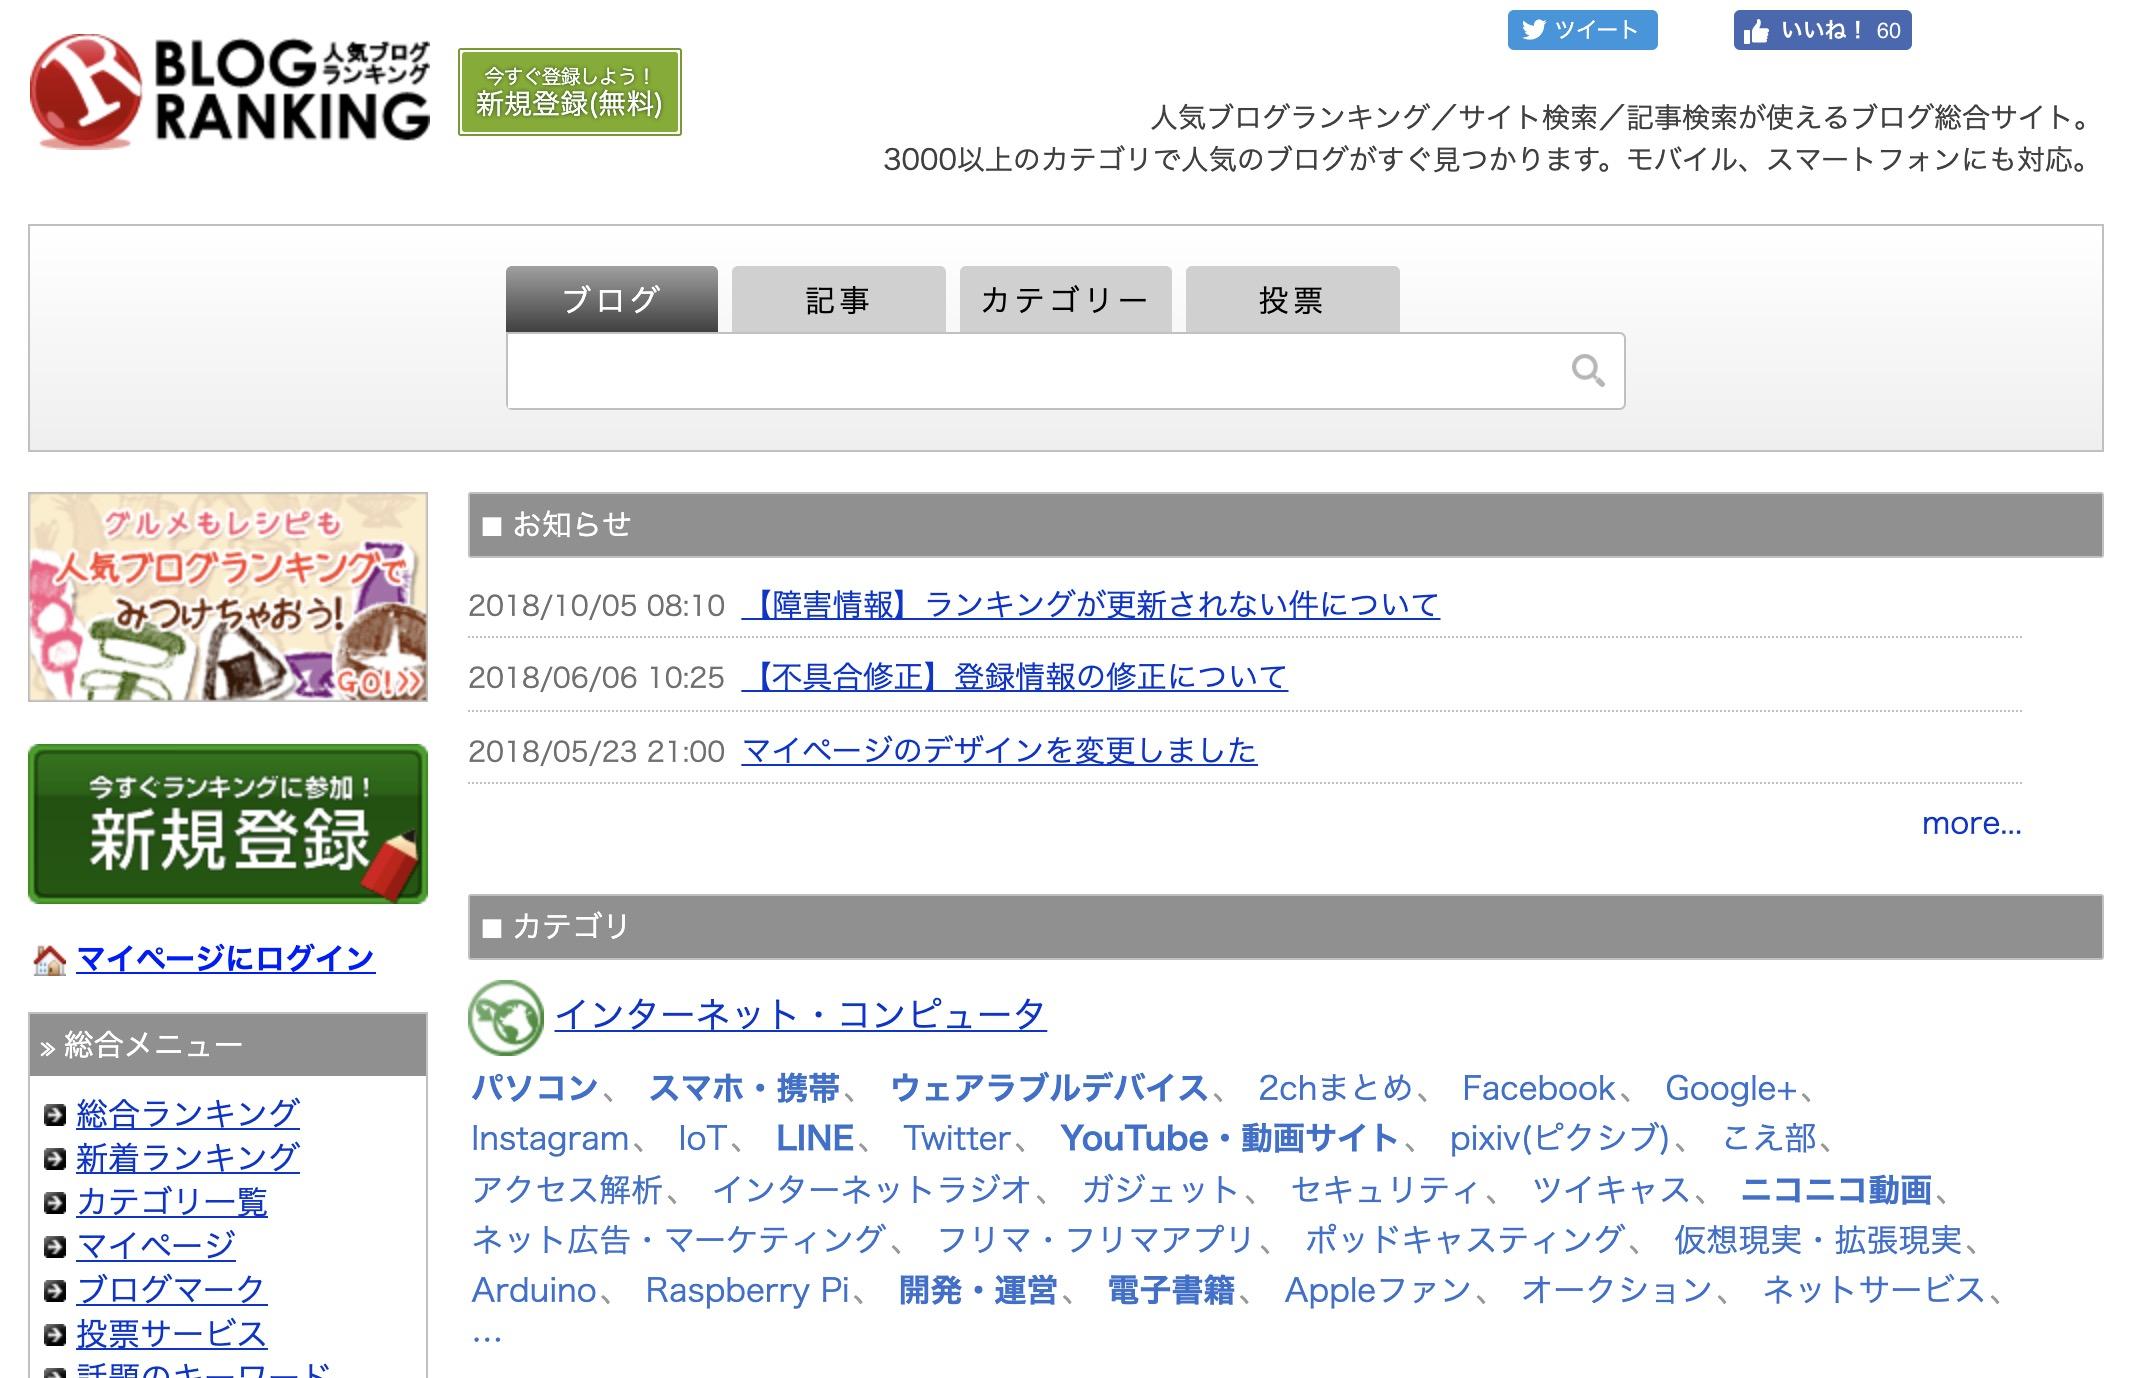 人気ブログランキングのトップページ